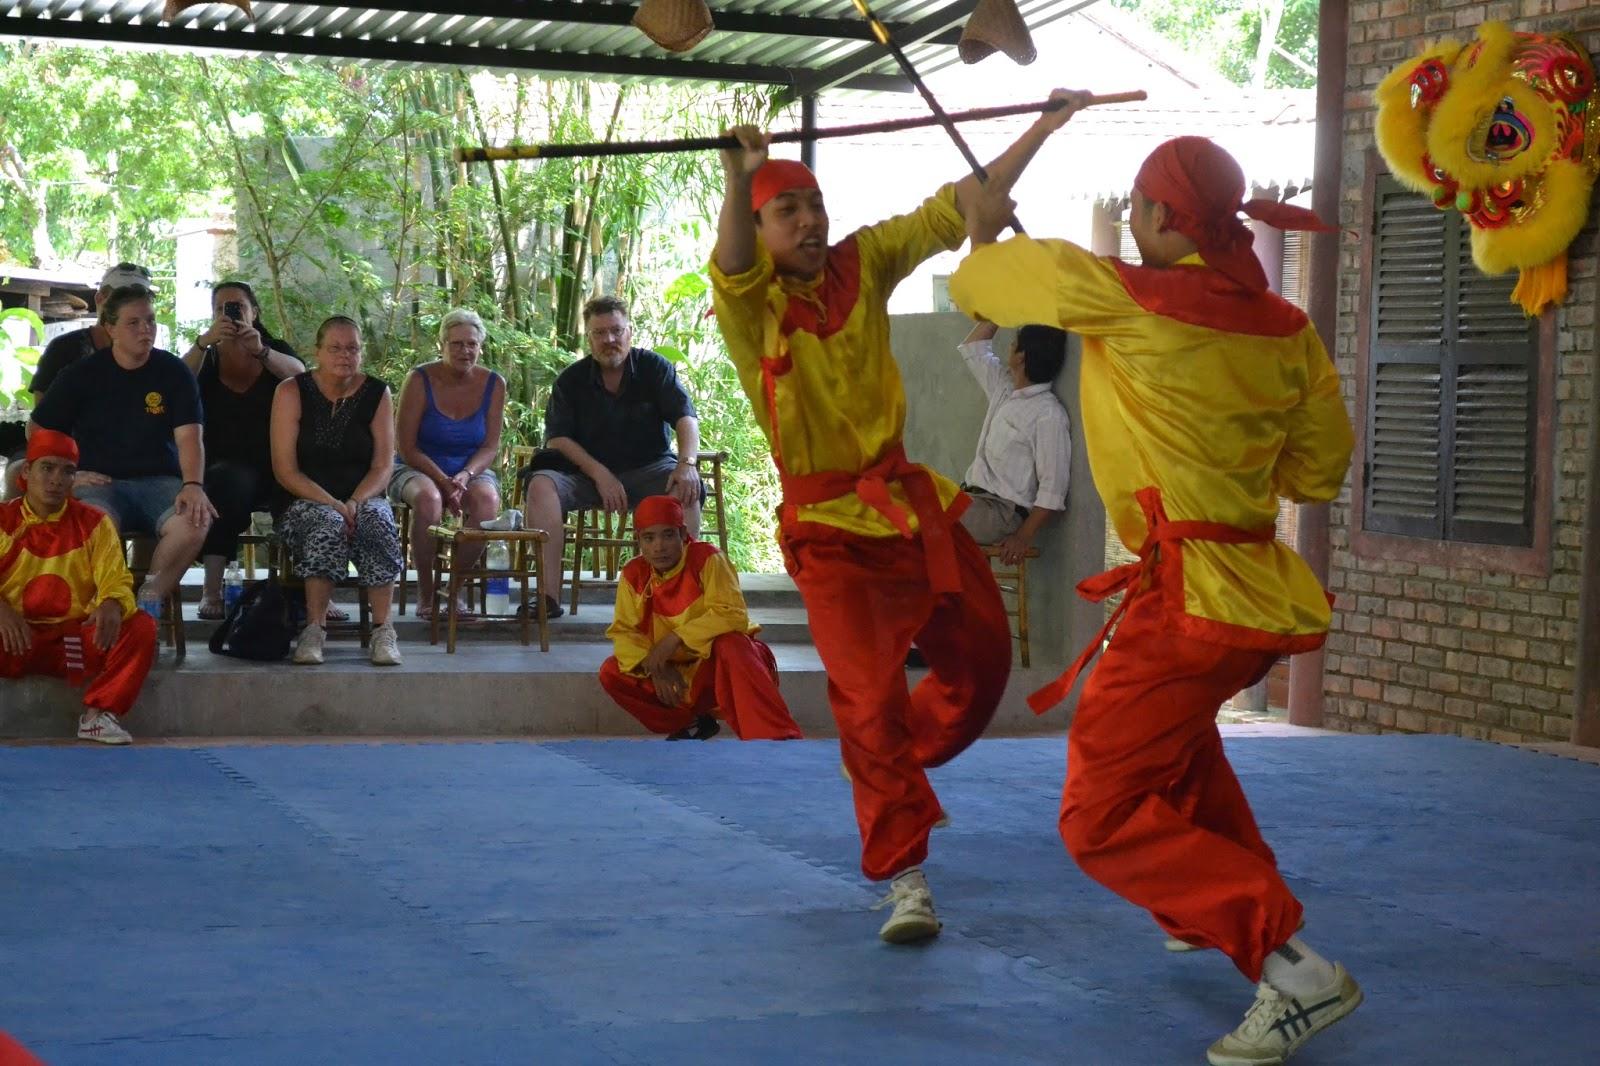 Some martial art